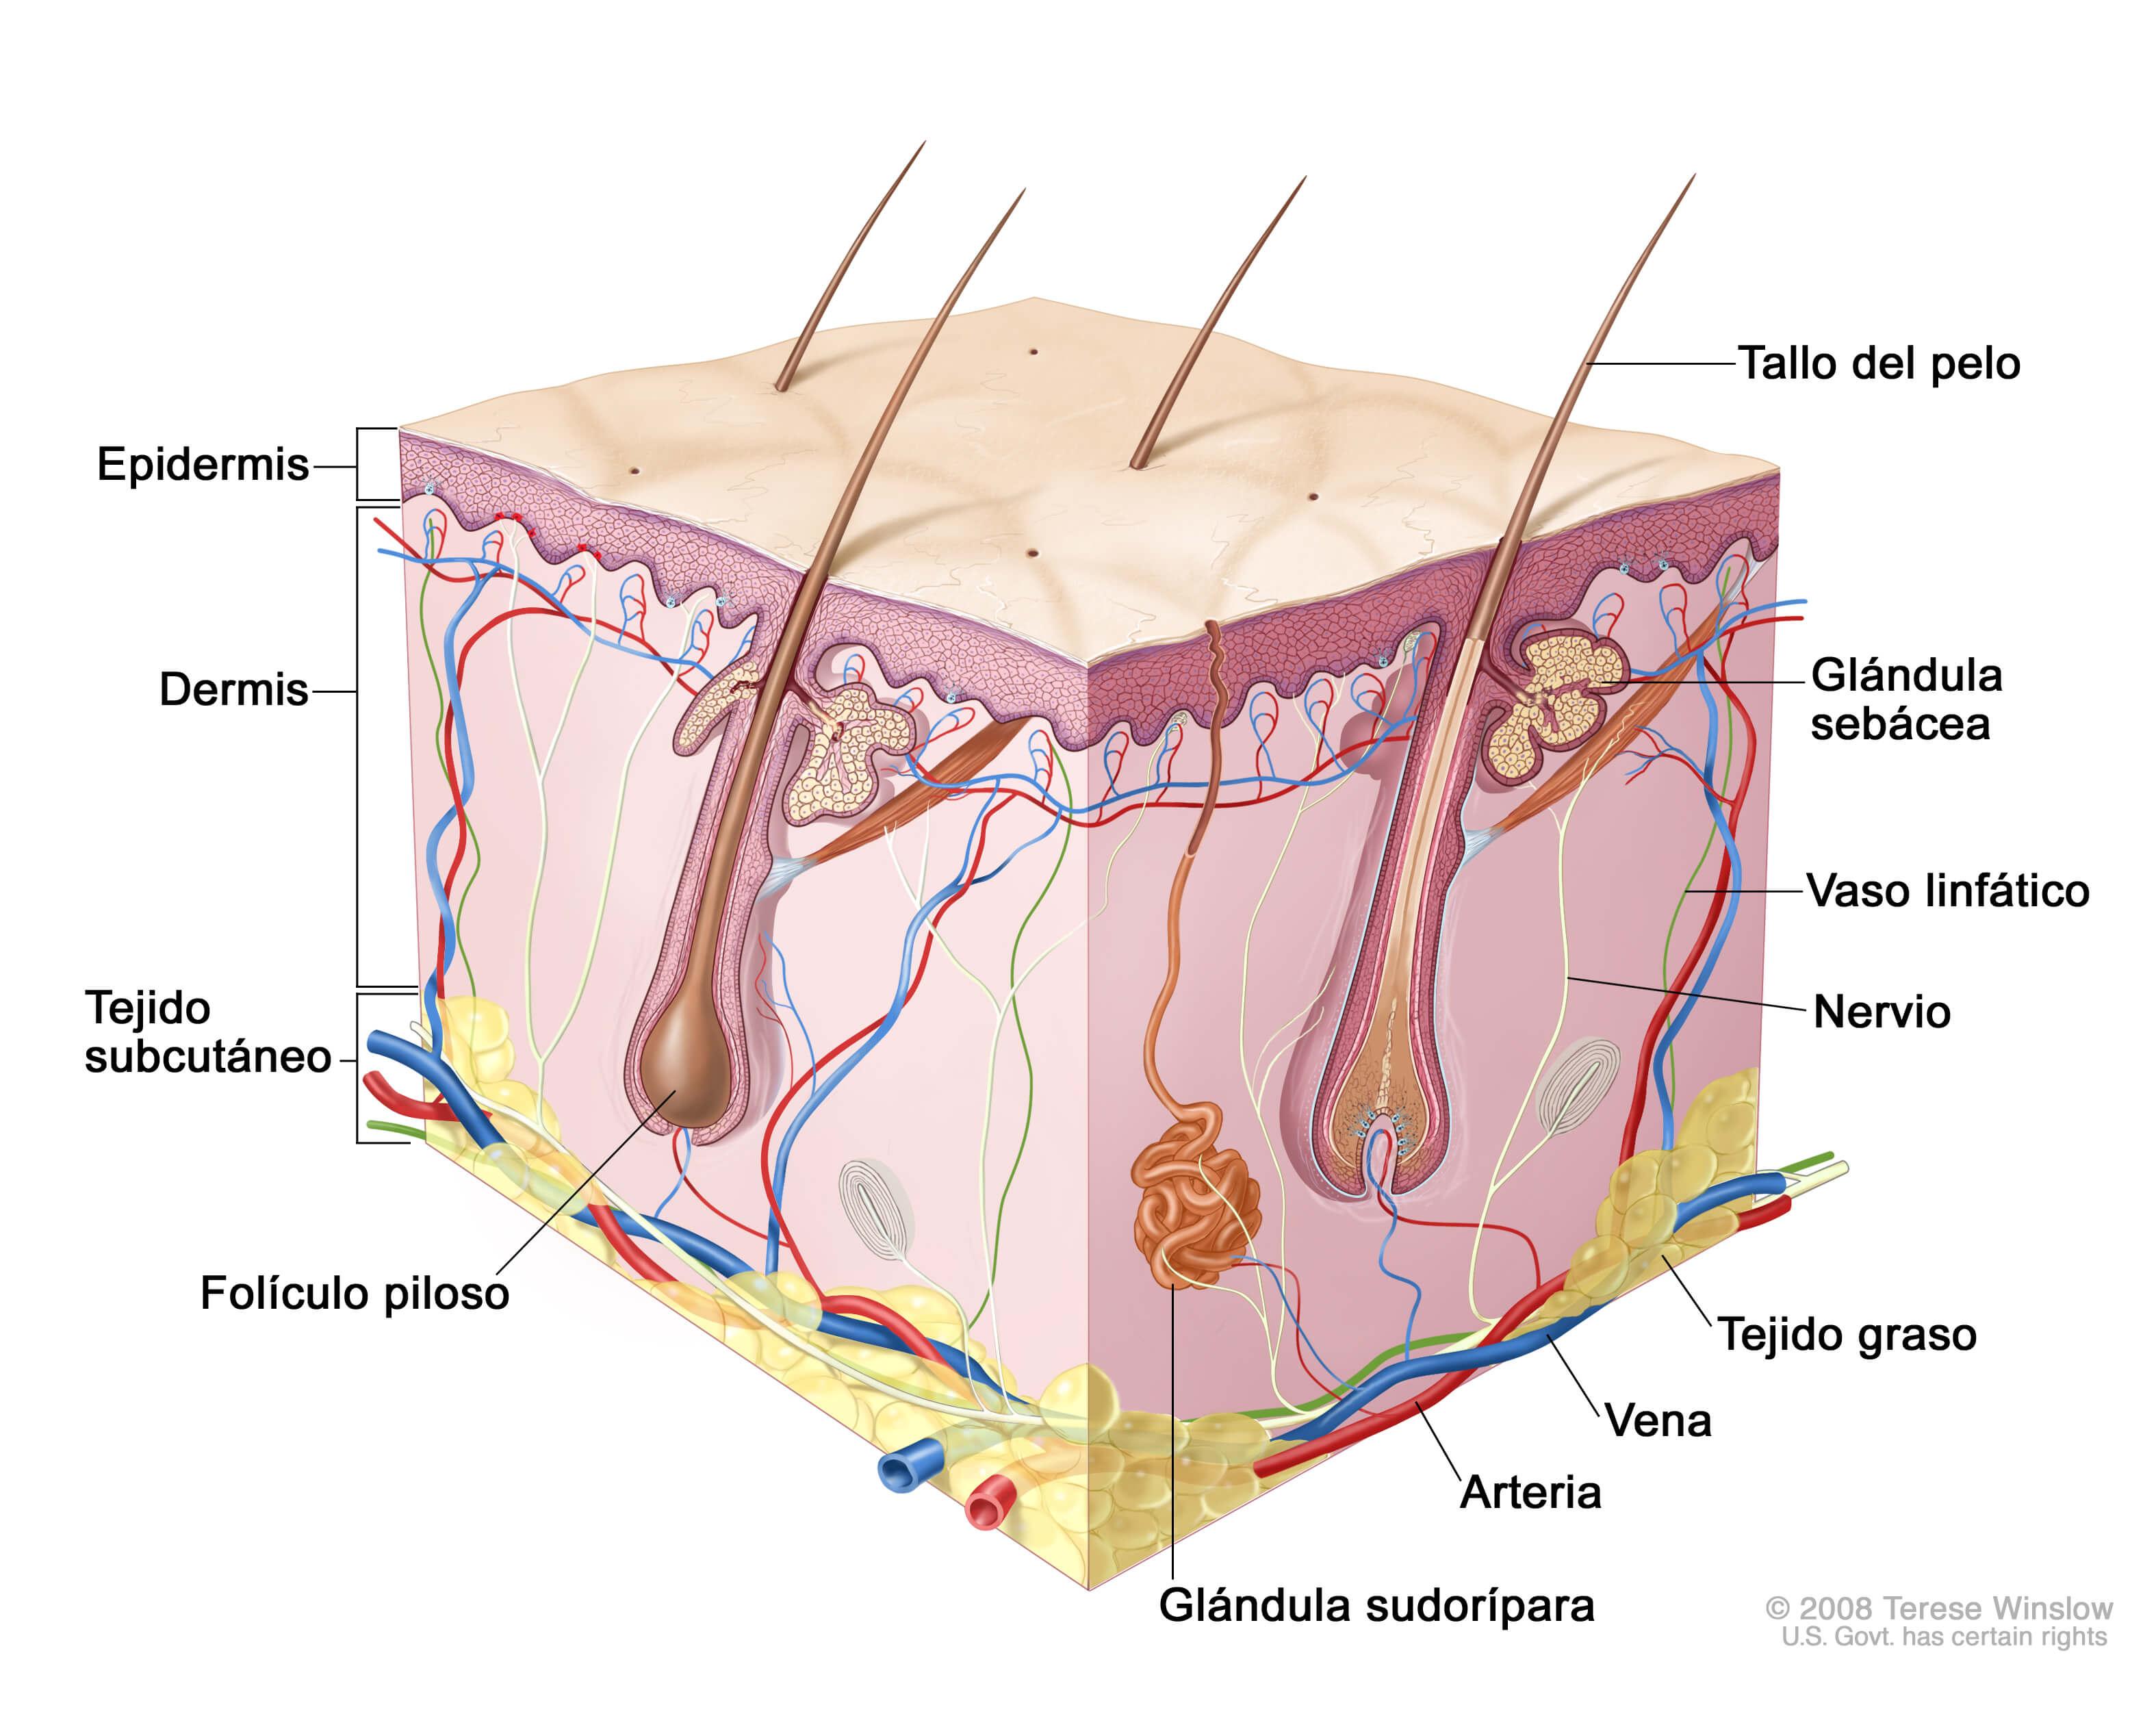 La berza marina al acné